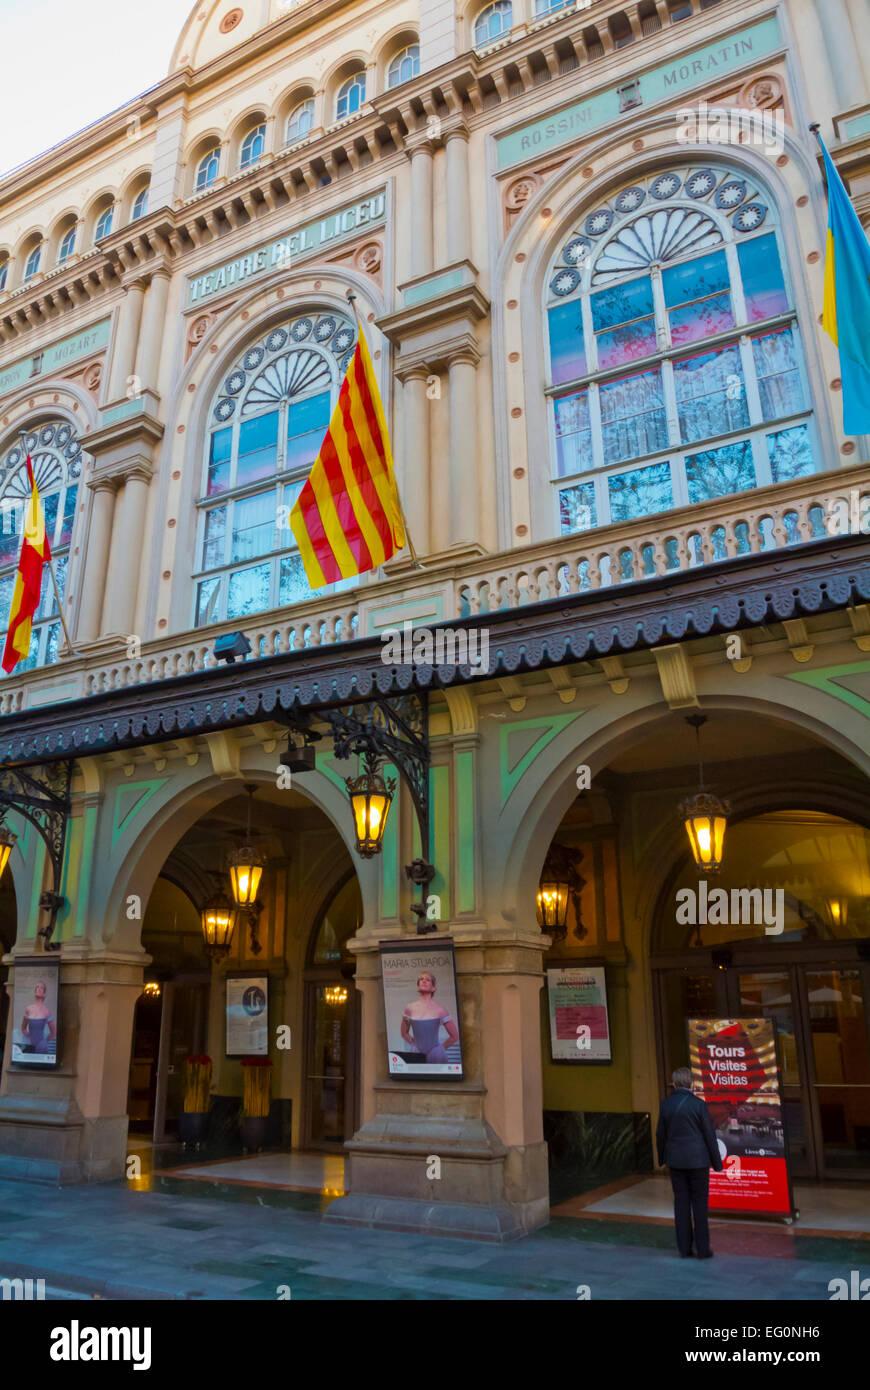 Teatre de Liceu, Ramblas, El Raval, Barcelona, Spain - Stock Image